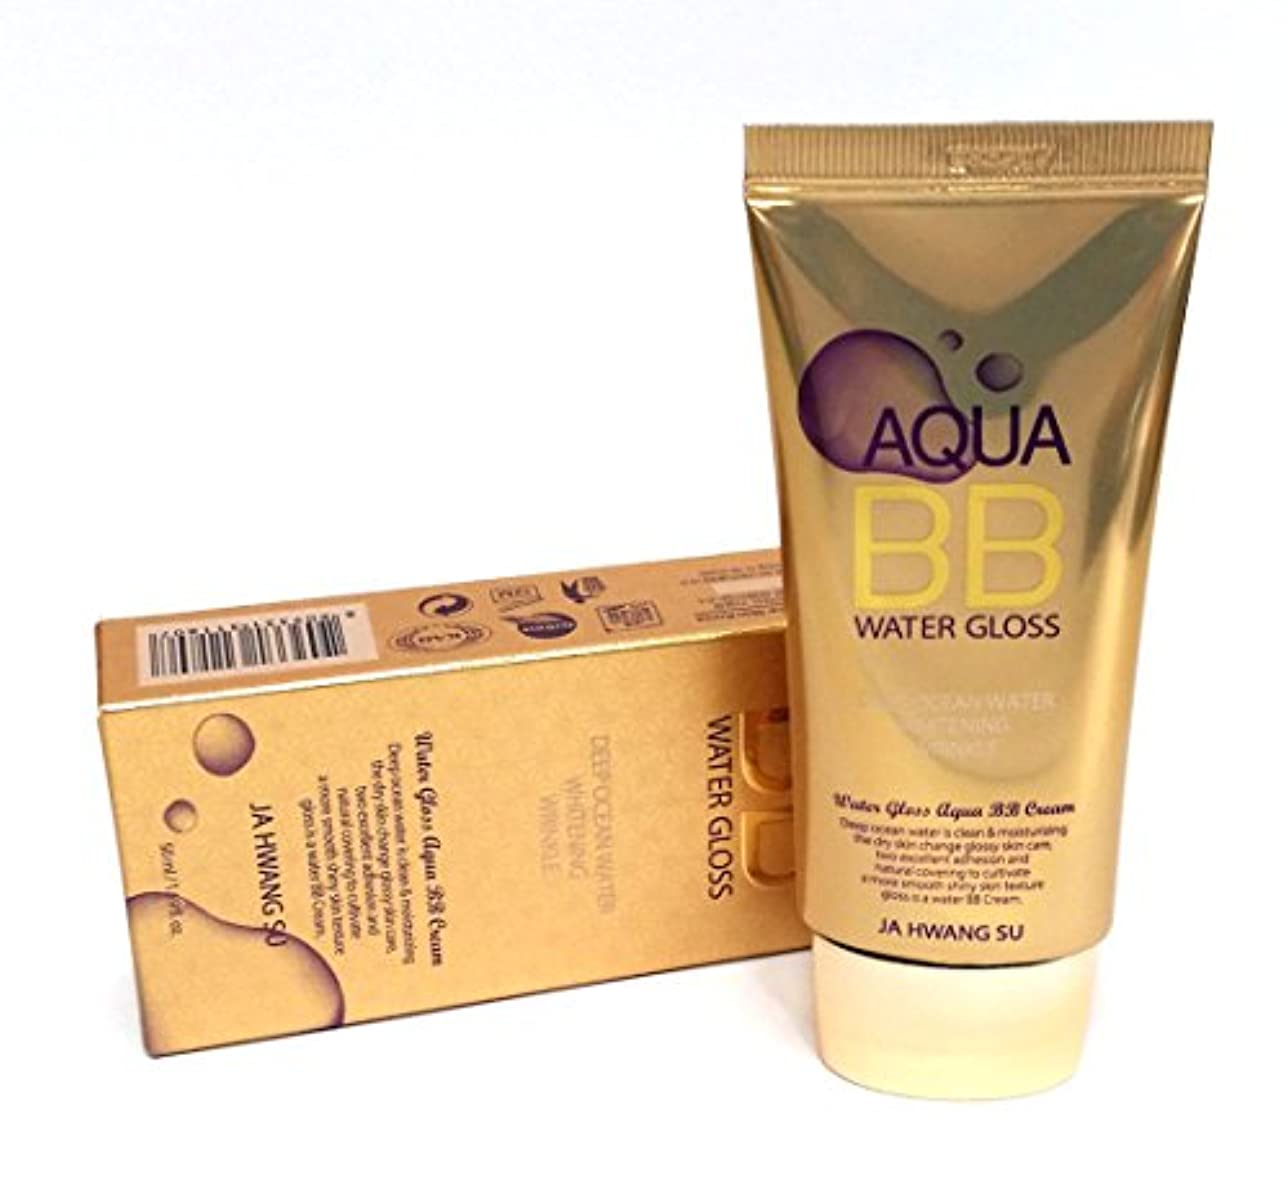 くそー放送緩める[Ja Hwang Su] アクアウォーターグロスBBクリーム50ml / Aqua Water Gloss BB Cream 50ml / 美白、しわ / whitening, wrinkle / 韓国化粧品 / Korean...